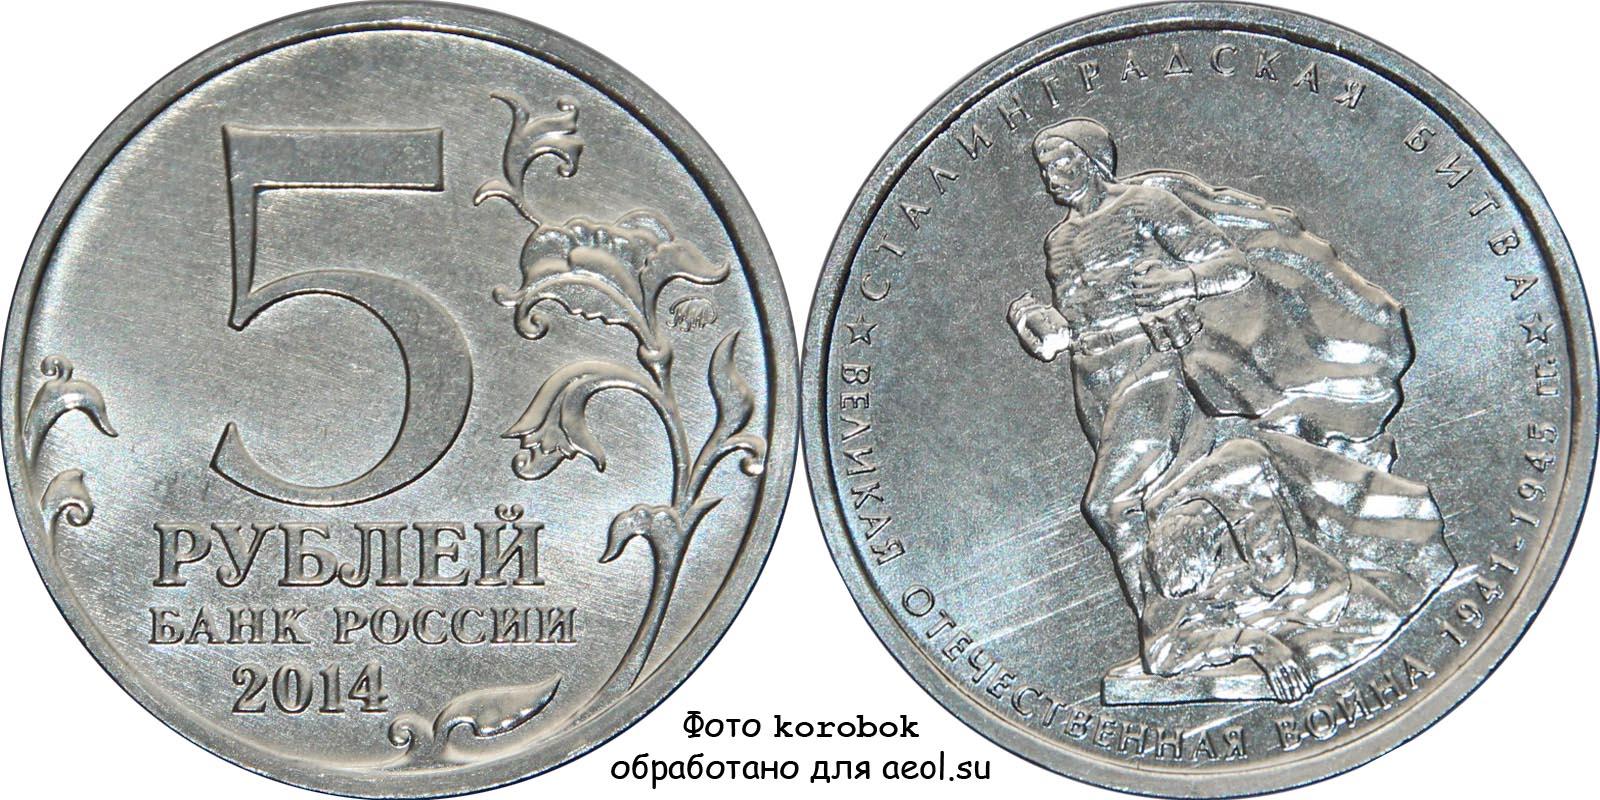 Юбилейные монеты России 2014г « - Coins-ru ru